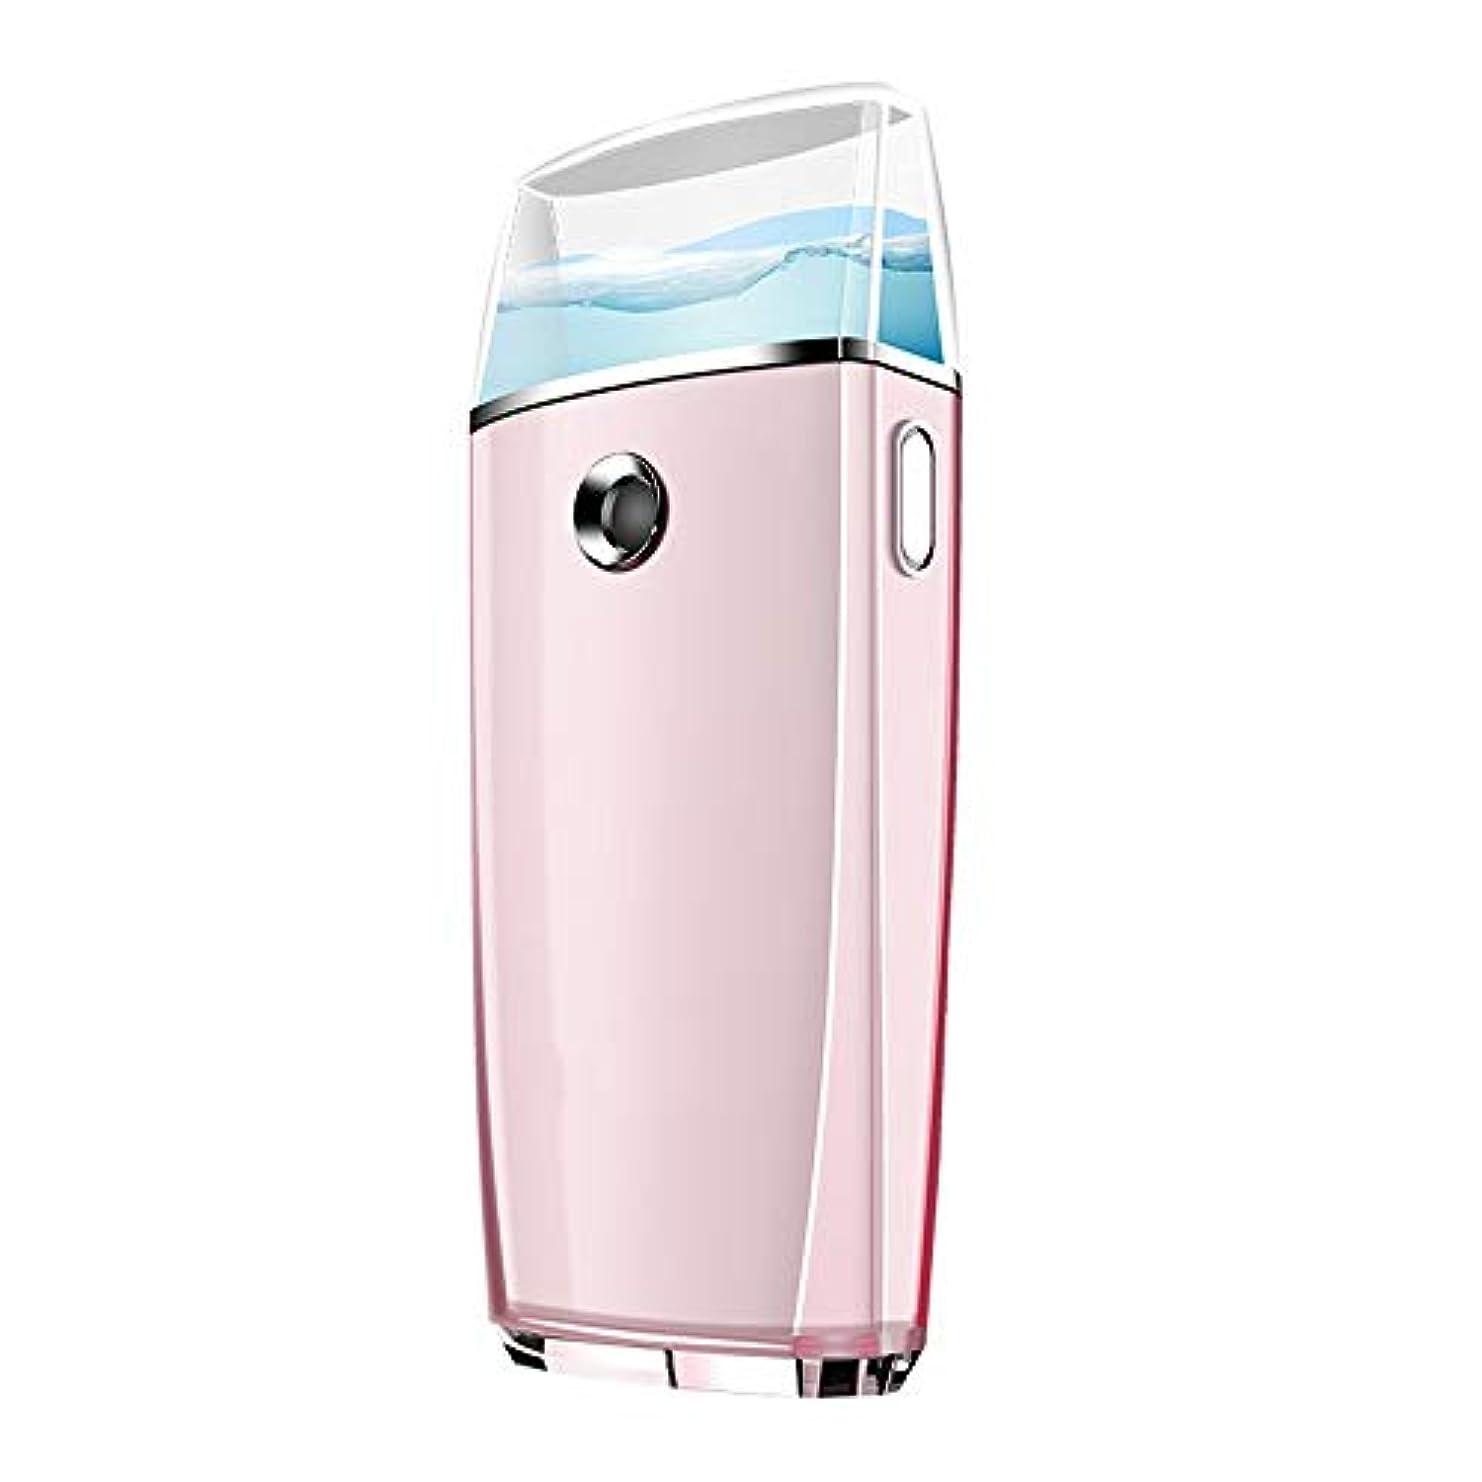 ポール夕暮れわずかにZXF ナノスプレー水道メーターポータブル顔美容機器充電表面コールドスプレー機スプレー2ピンクモデルグリーンモデル 滑らかである (色 : Pink)